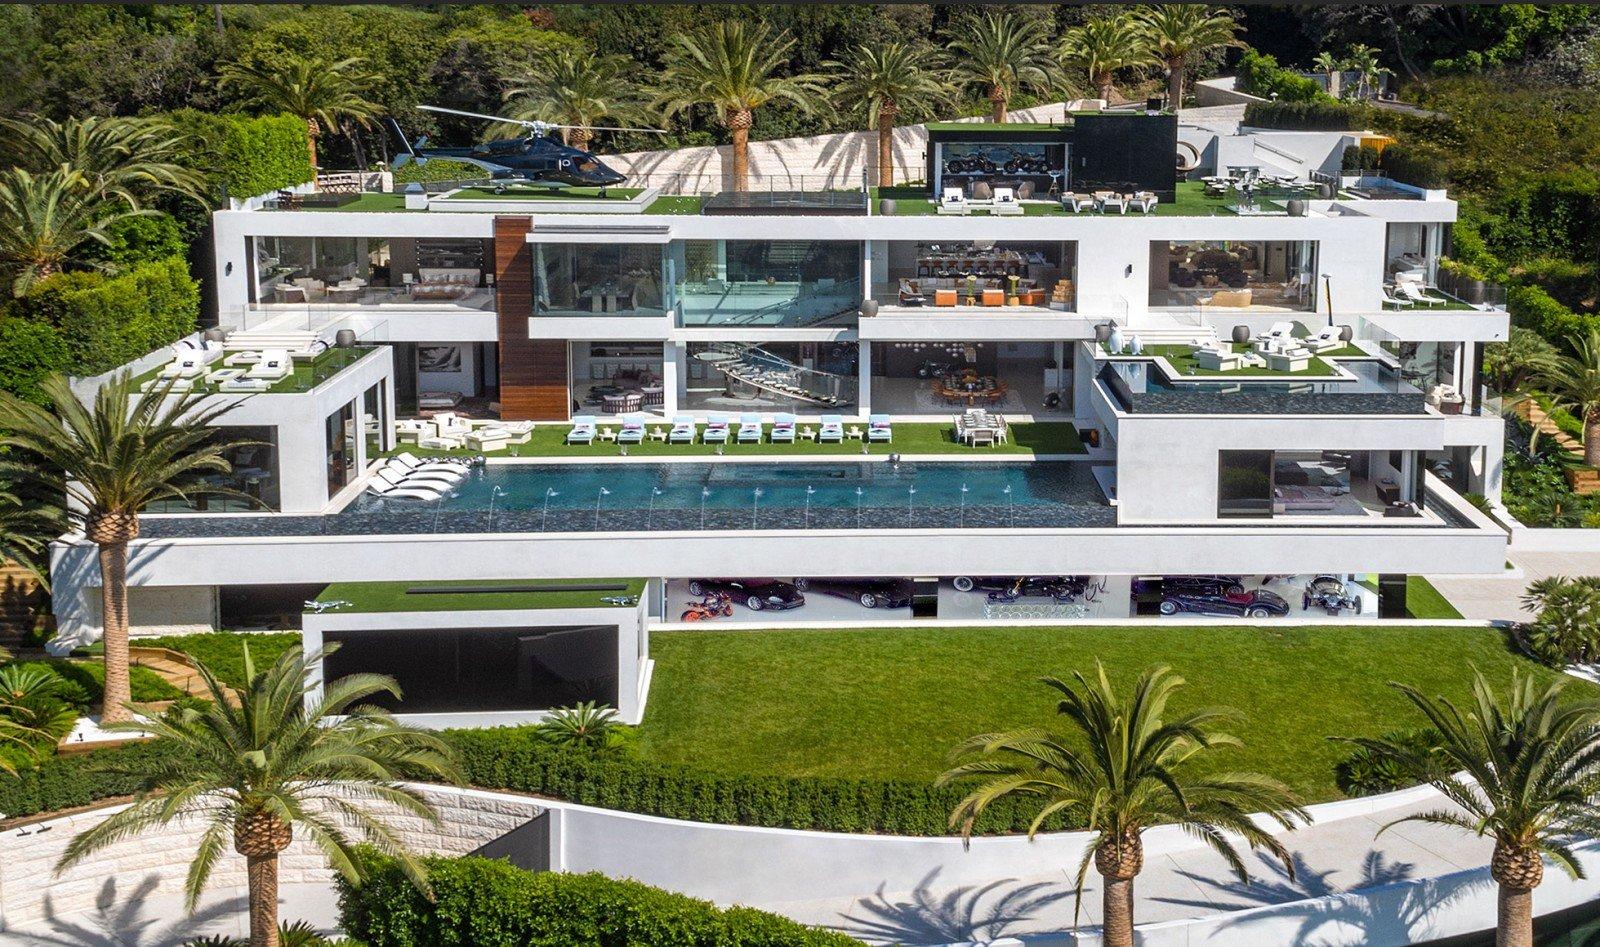 La casa más impresionante de Bel-Air